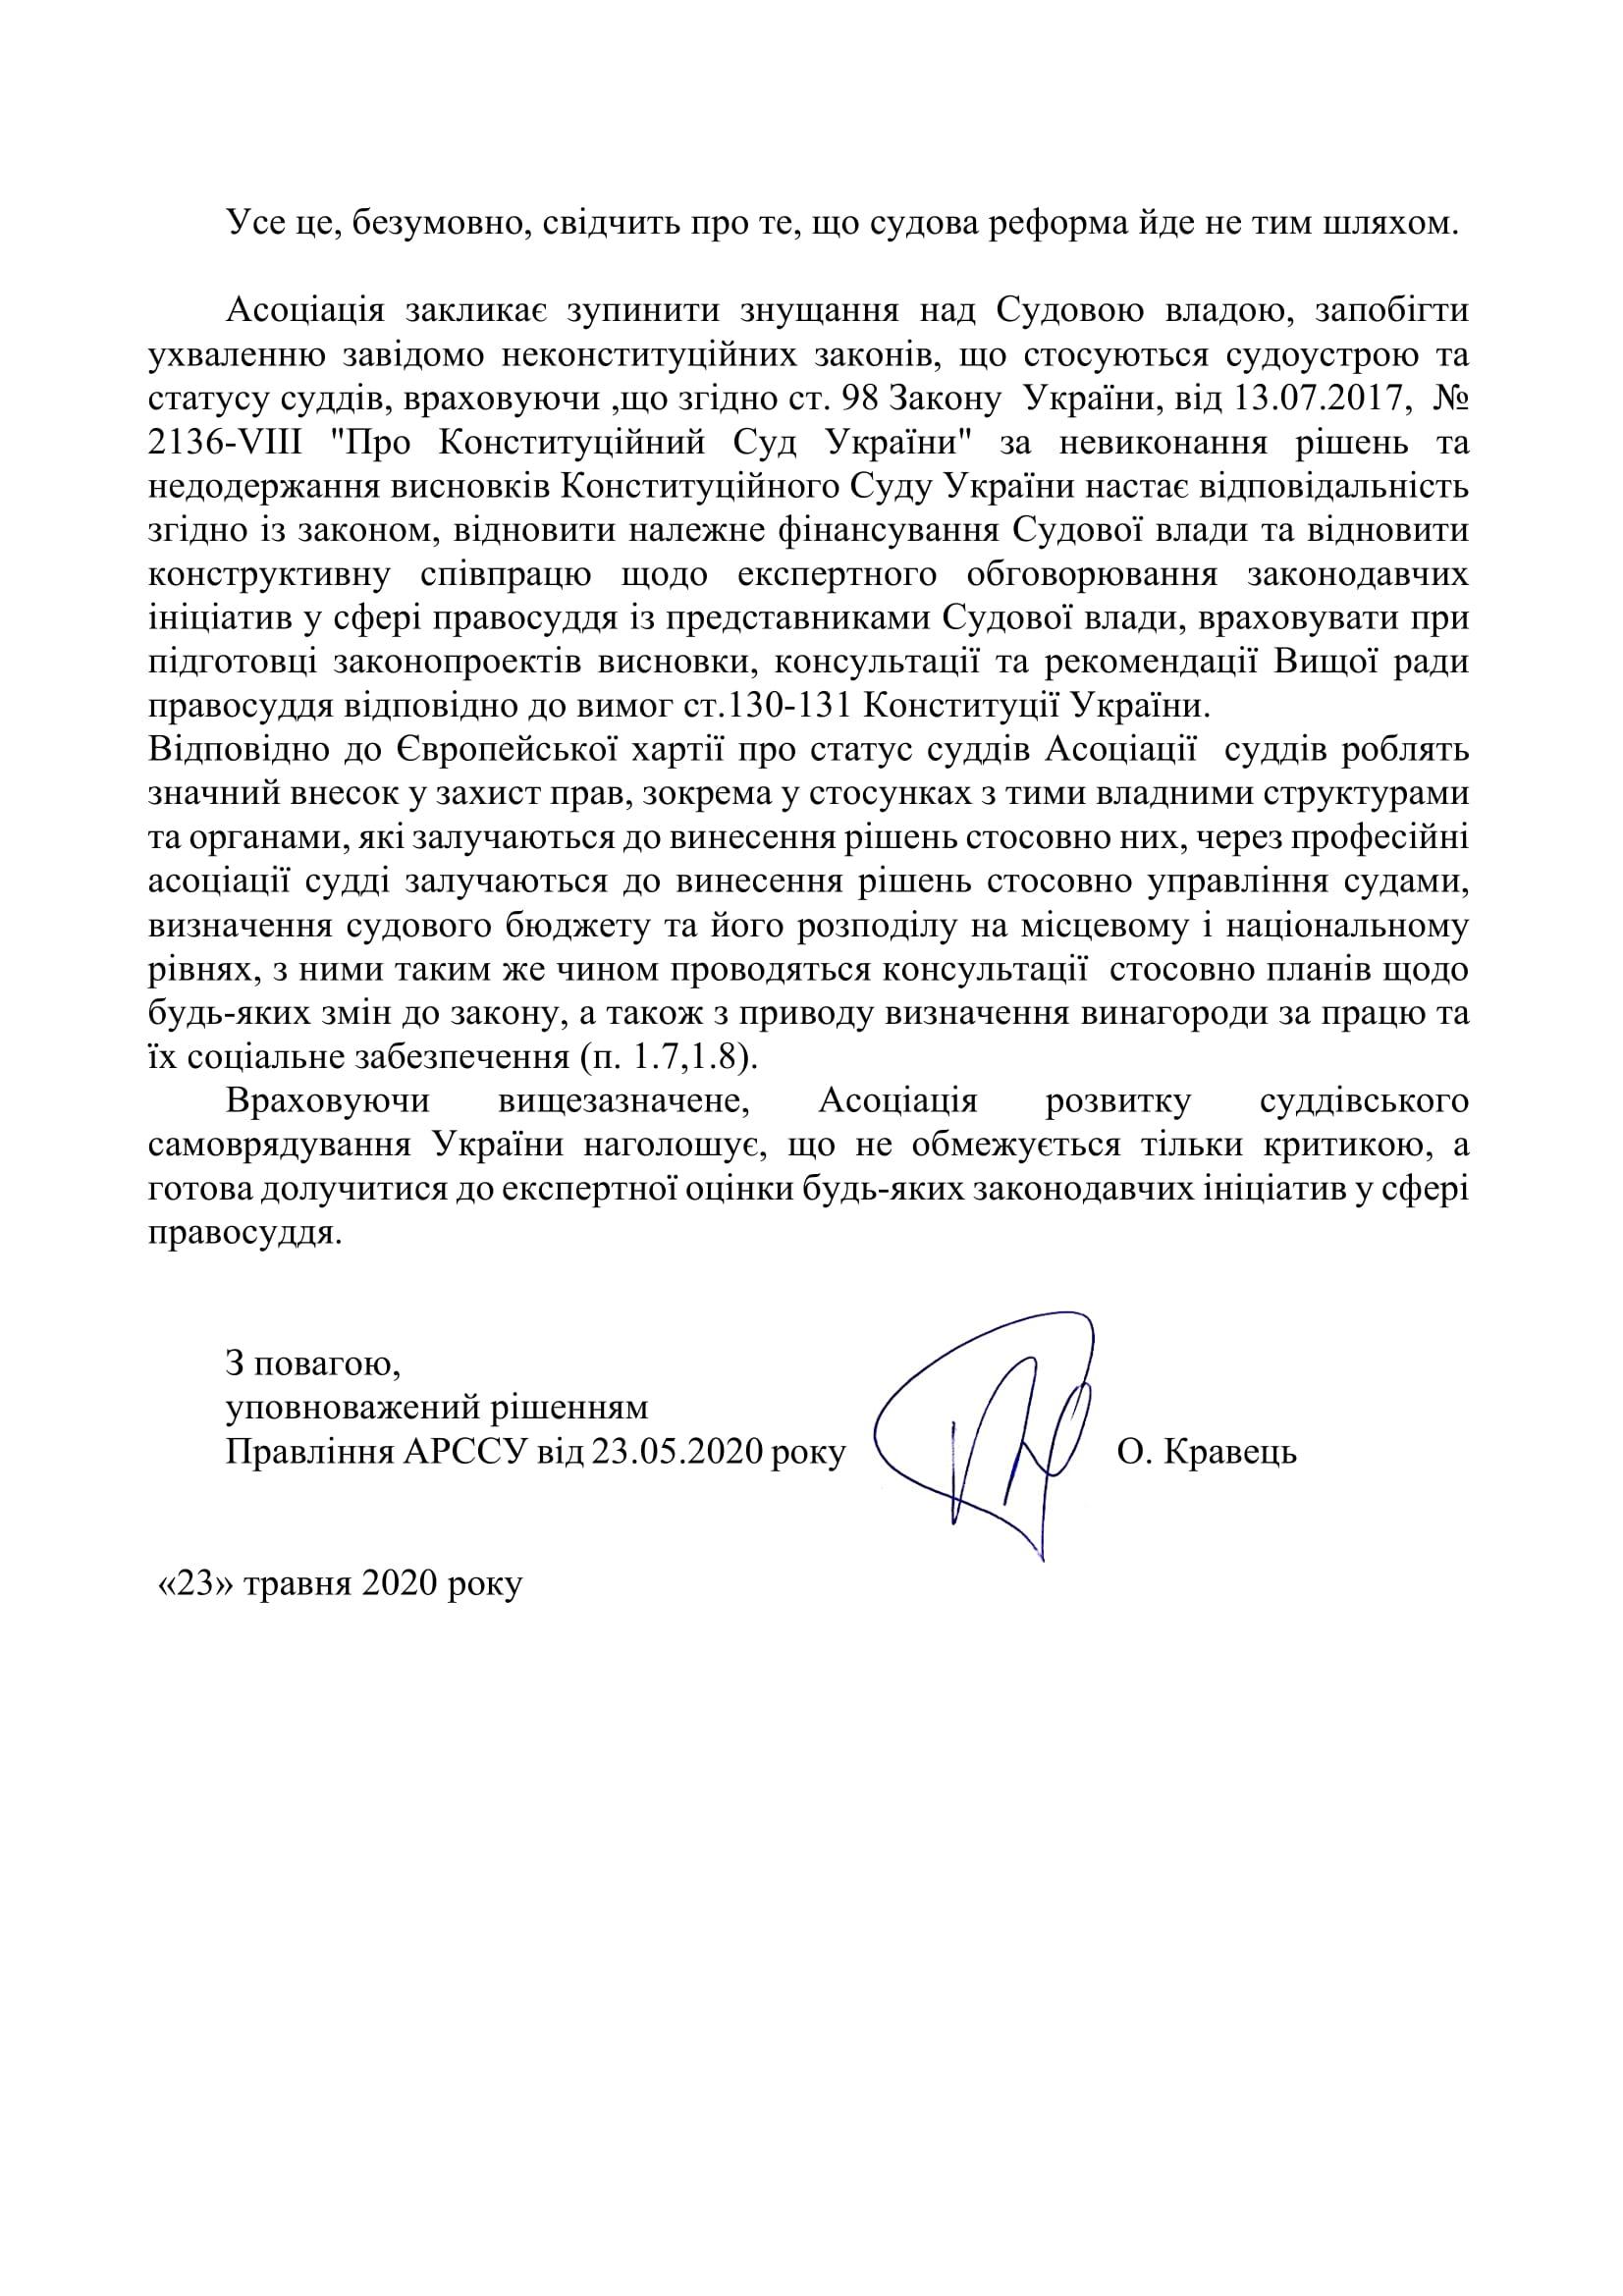 Звернення АРССУ від 23.05.2020-7